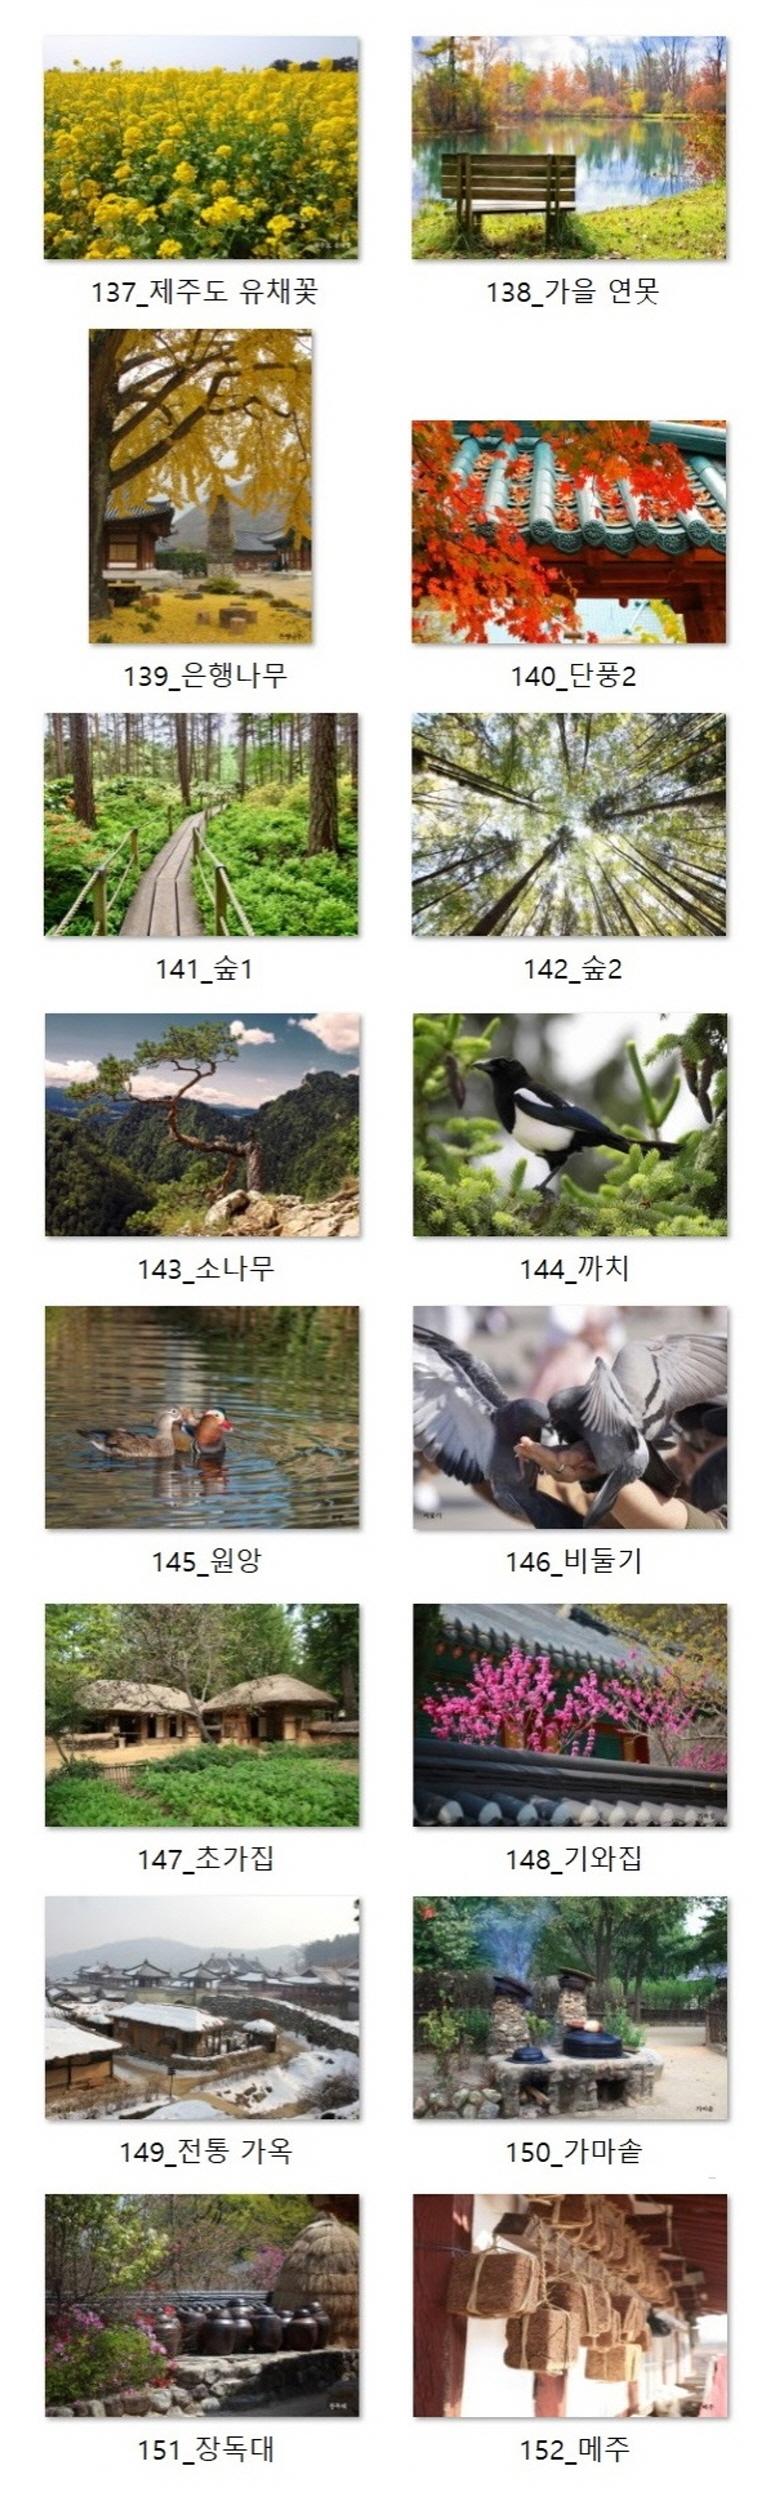 효도퍼즐(A3_만수무강 220종) 가족이 함께 맞추는 판퍼즐-효도선물 치매예방 - 퍼즐러브, 10,000원, 조각/퍼즐, 맞춤퍼즐